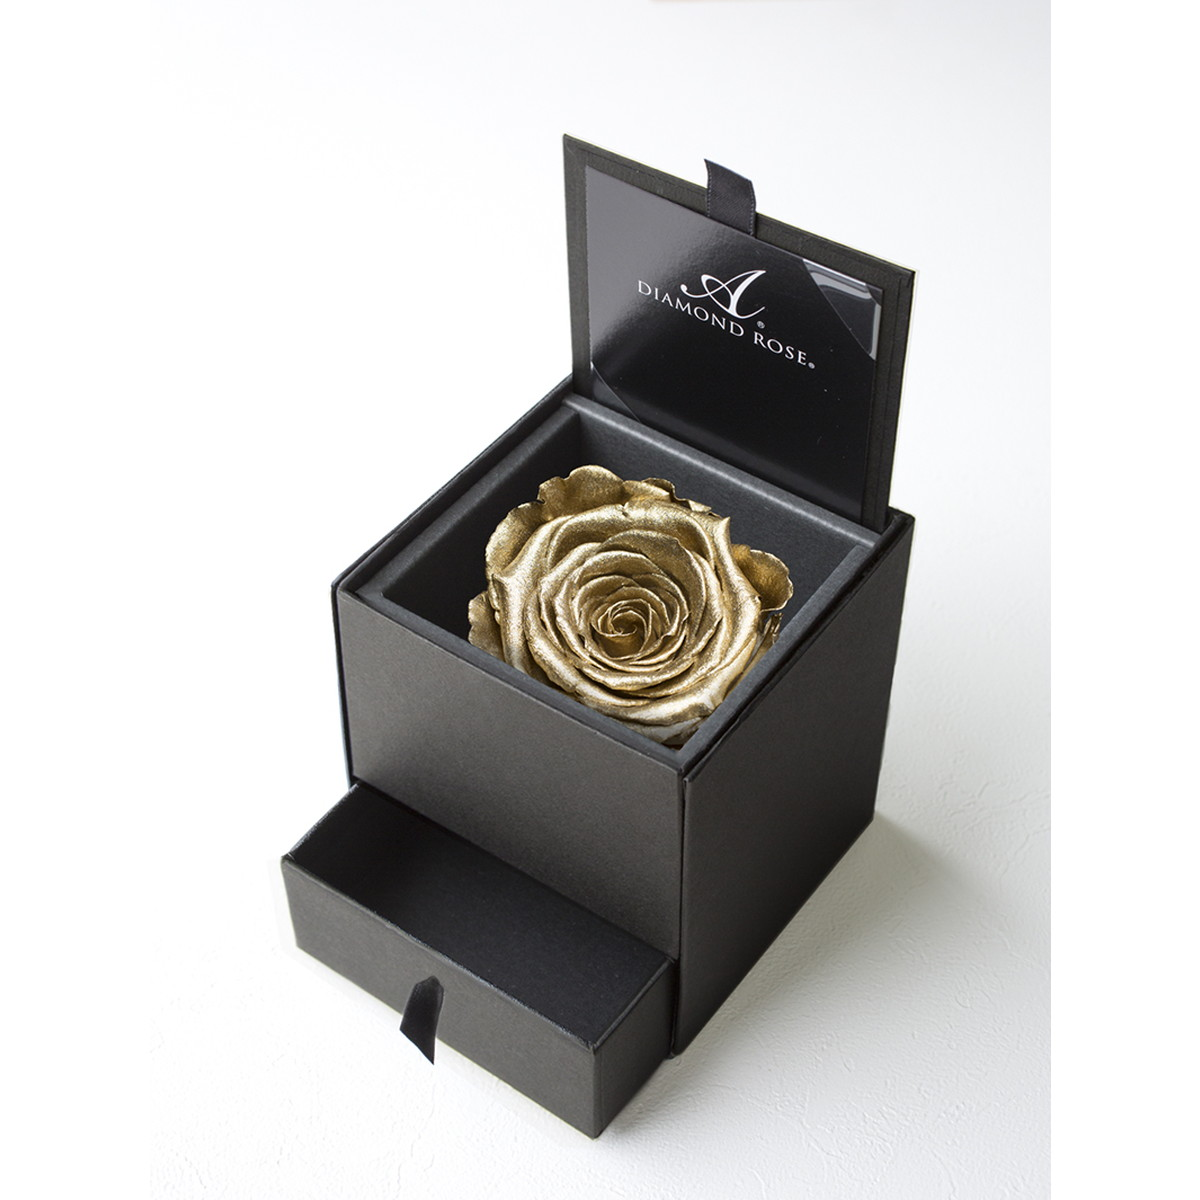 【プリザーブドフラワー】アモローサ/ダイヤモンドローズボックス 90(箱:マットブラック) ゴールド/1207-99【07】【取寄】[6箱]